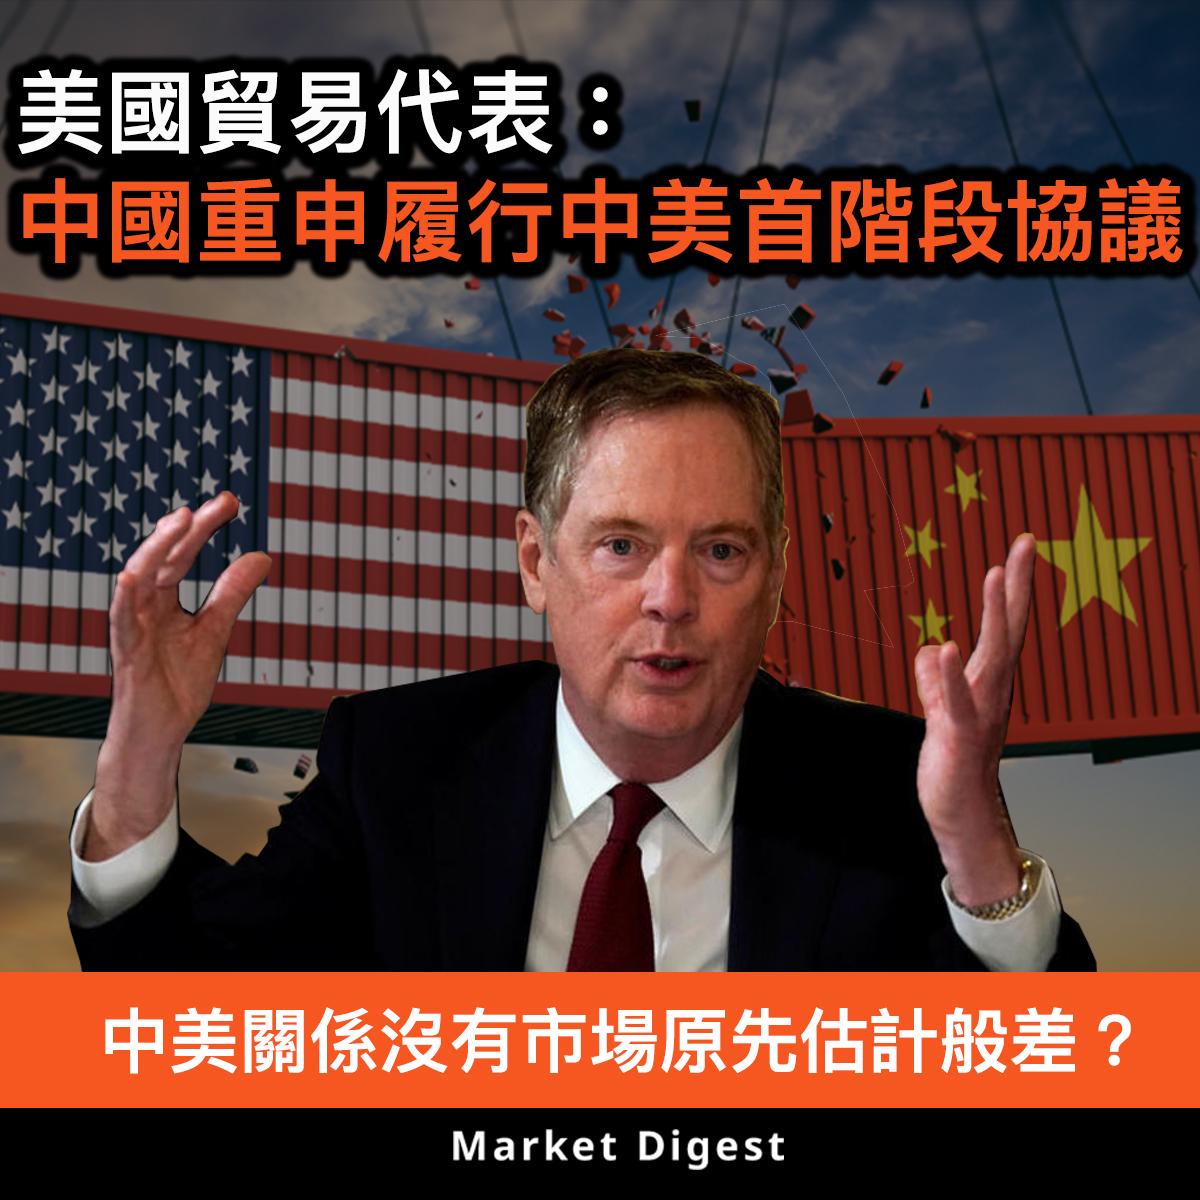 【市場熱話】美國貿易代表:中國重申履行中美首階段貿易協議